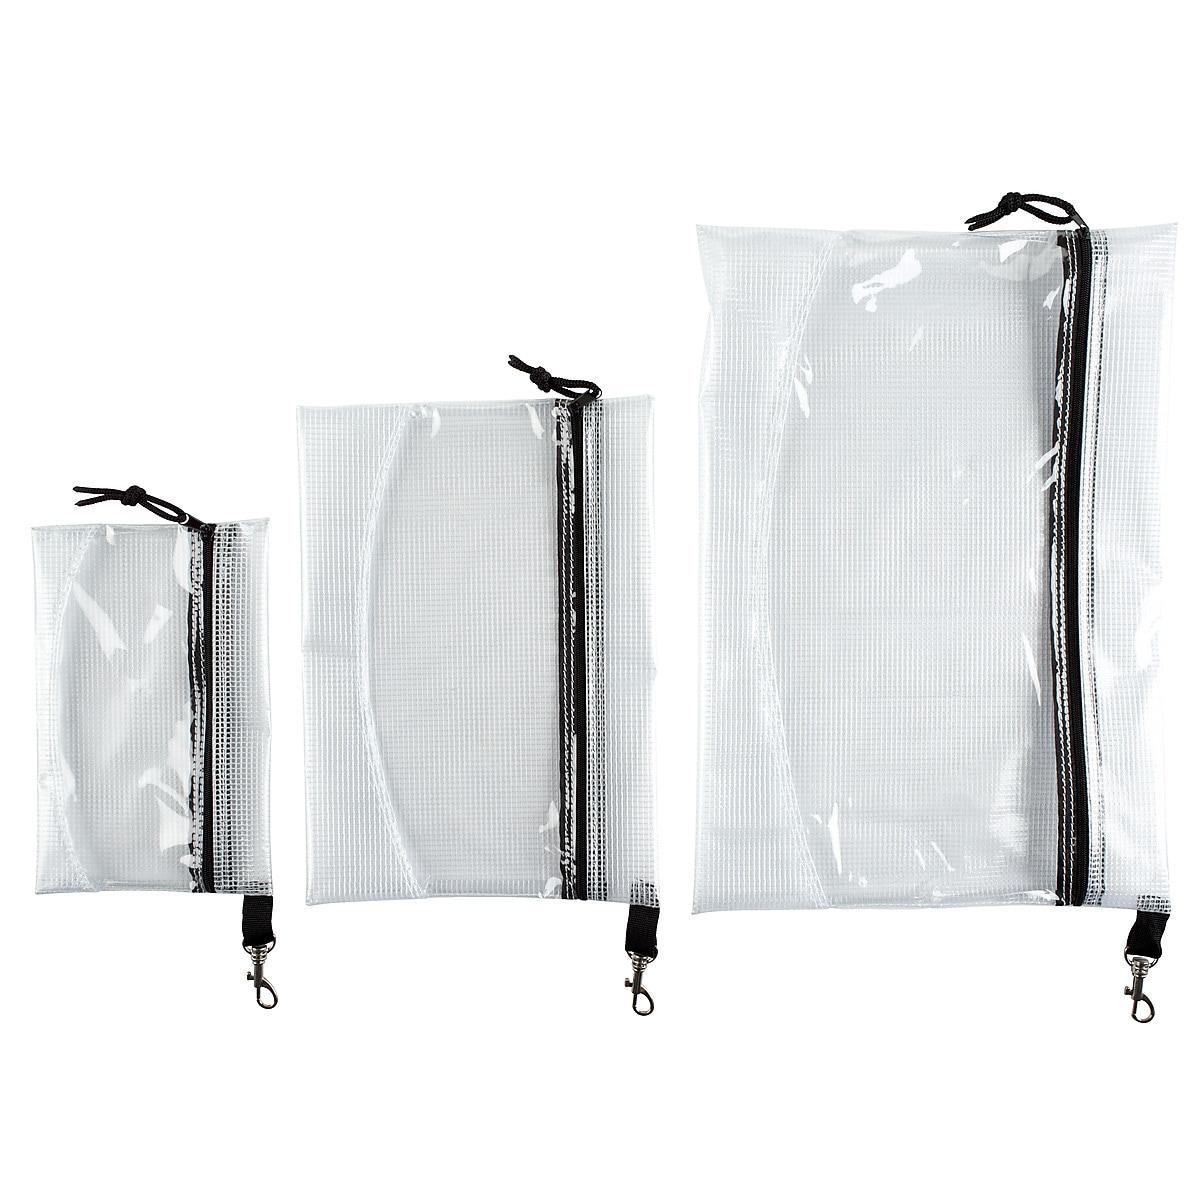 Reseförvaring Asaklitt 3-pack